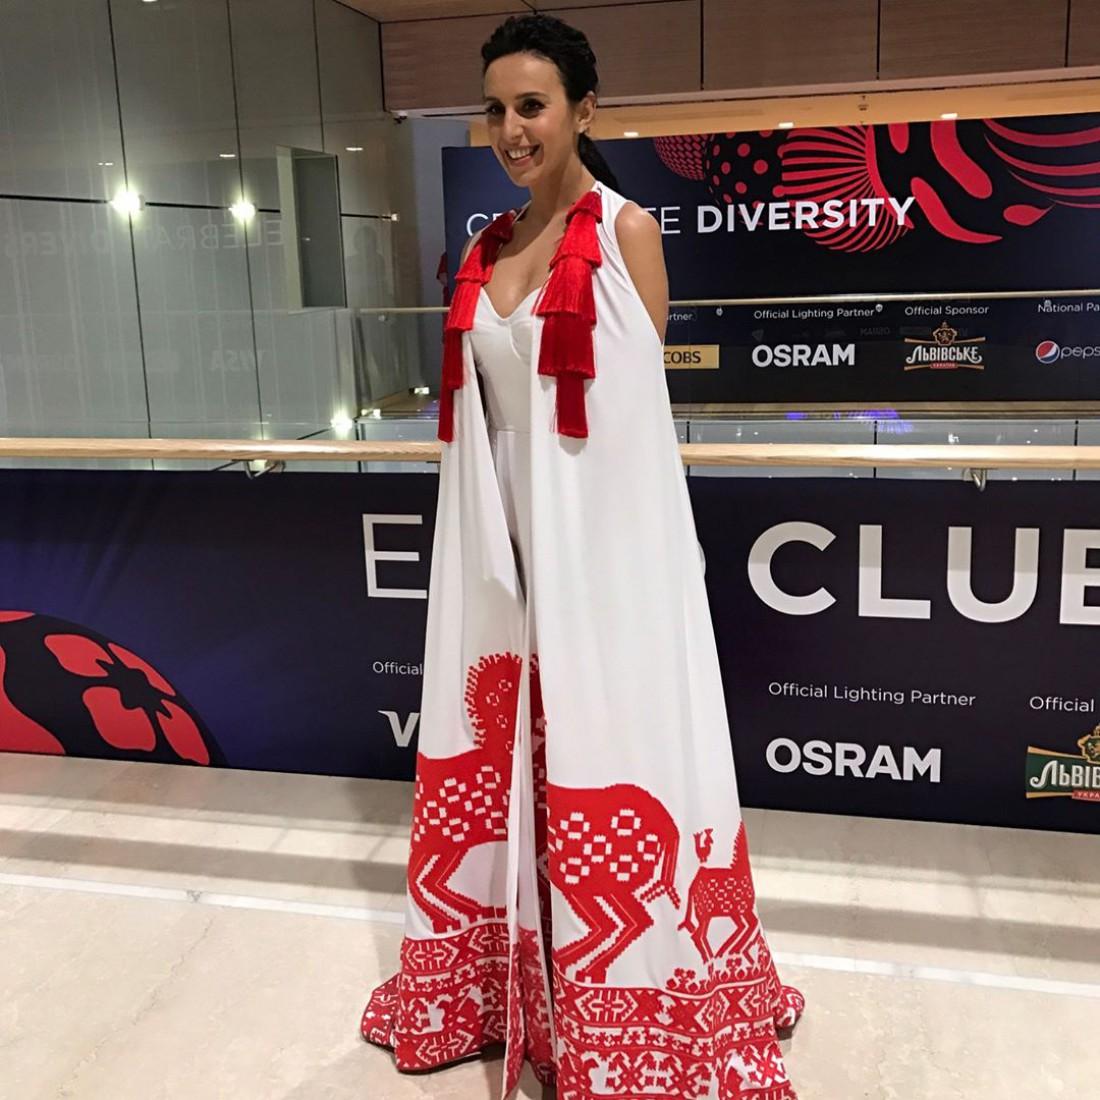 Еврвидение 2017в финале выступила Джамала